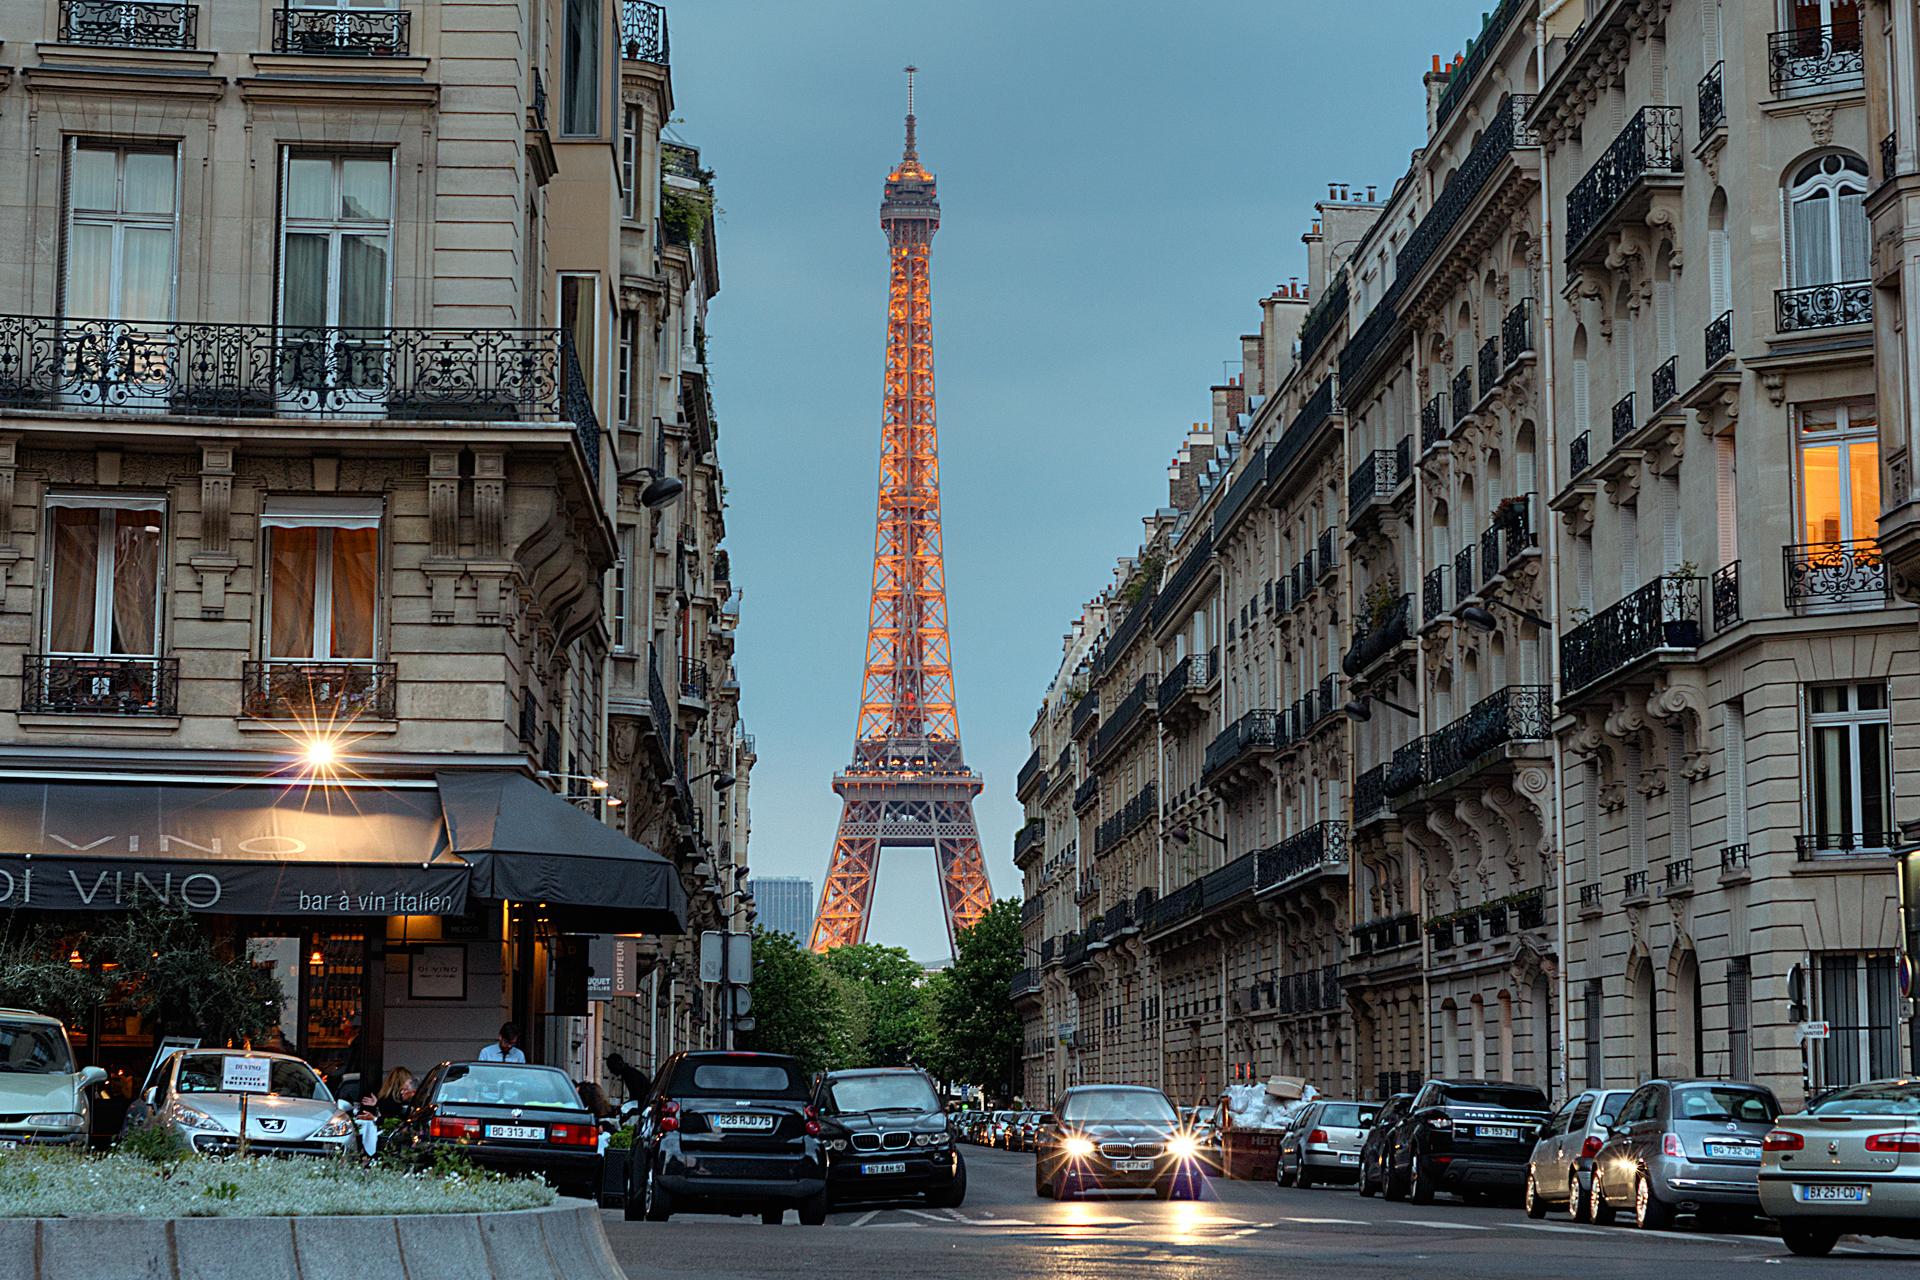 coeur_de_paris - title